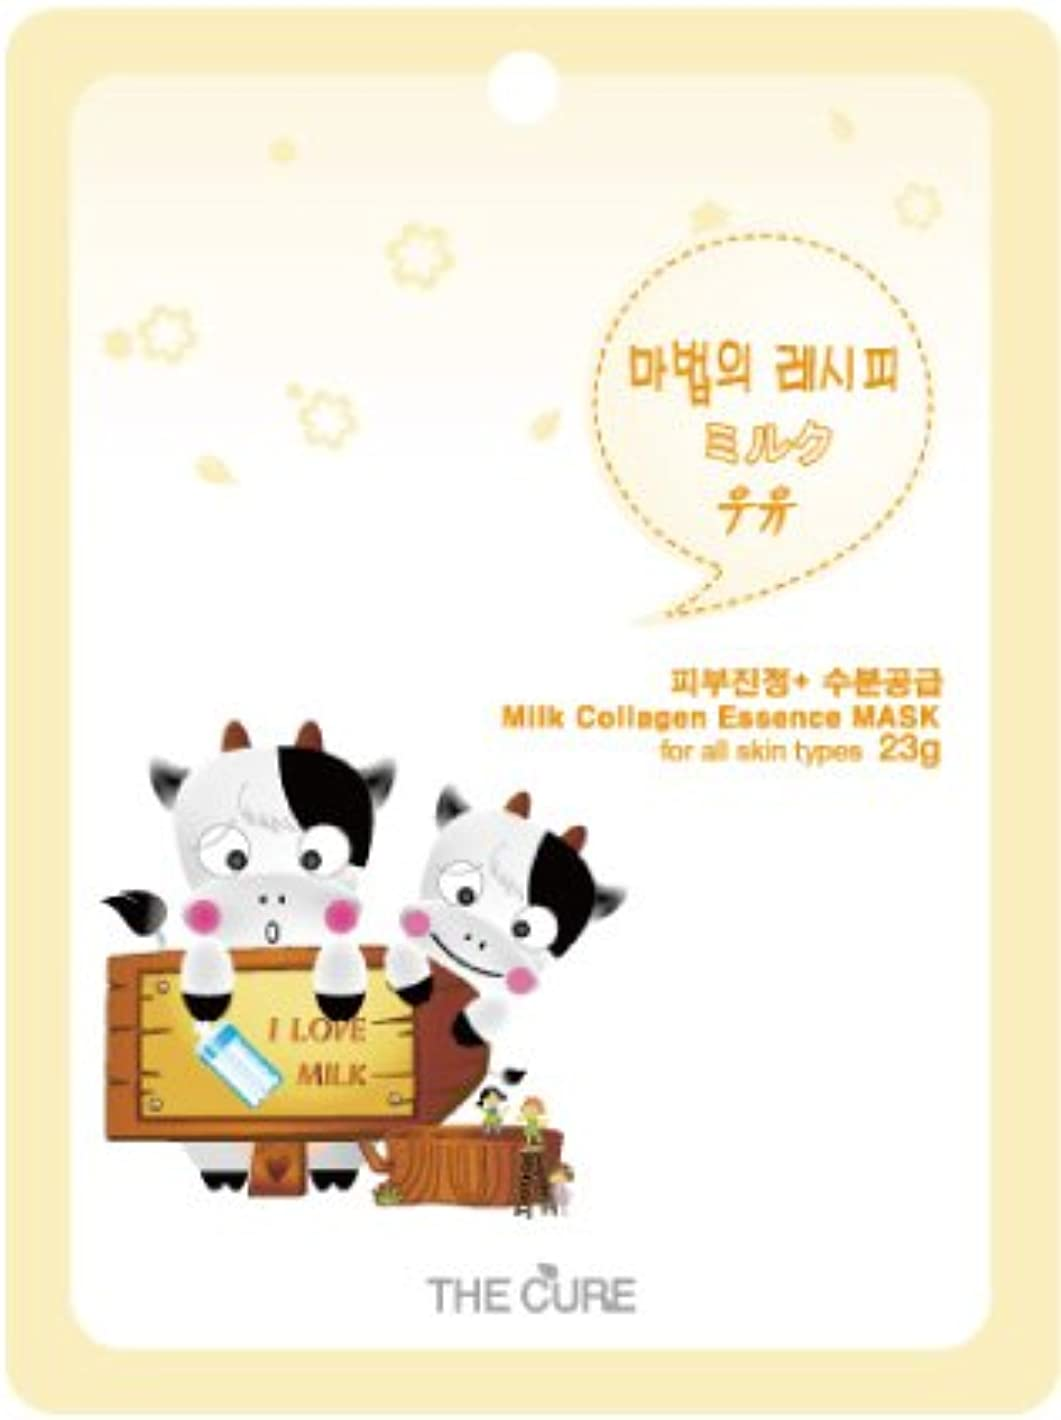 プロポーショナル子供時代意志ミルク コラーゲン エッセンス マスク THE CURE シート パック 10枚セット 韓国 コスメ 乾燥肌 オイリー肌 混合肌